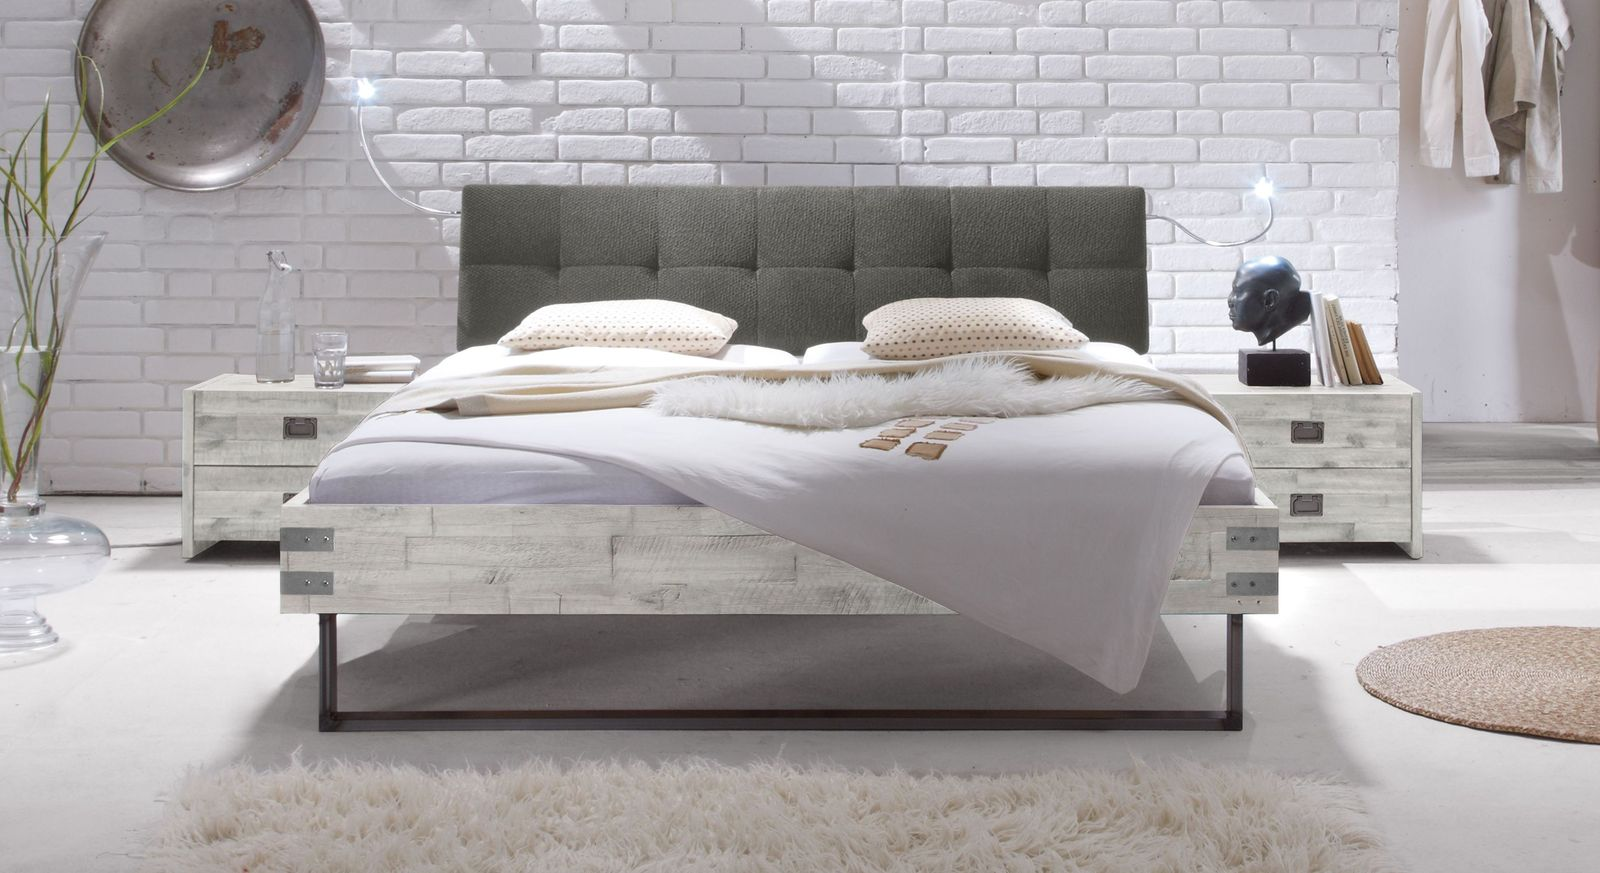 Bett Hamina aus weißer Akazie mit grauem Kopfteil